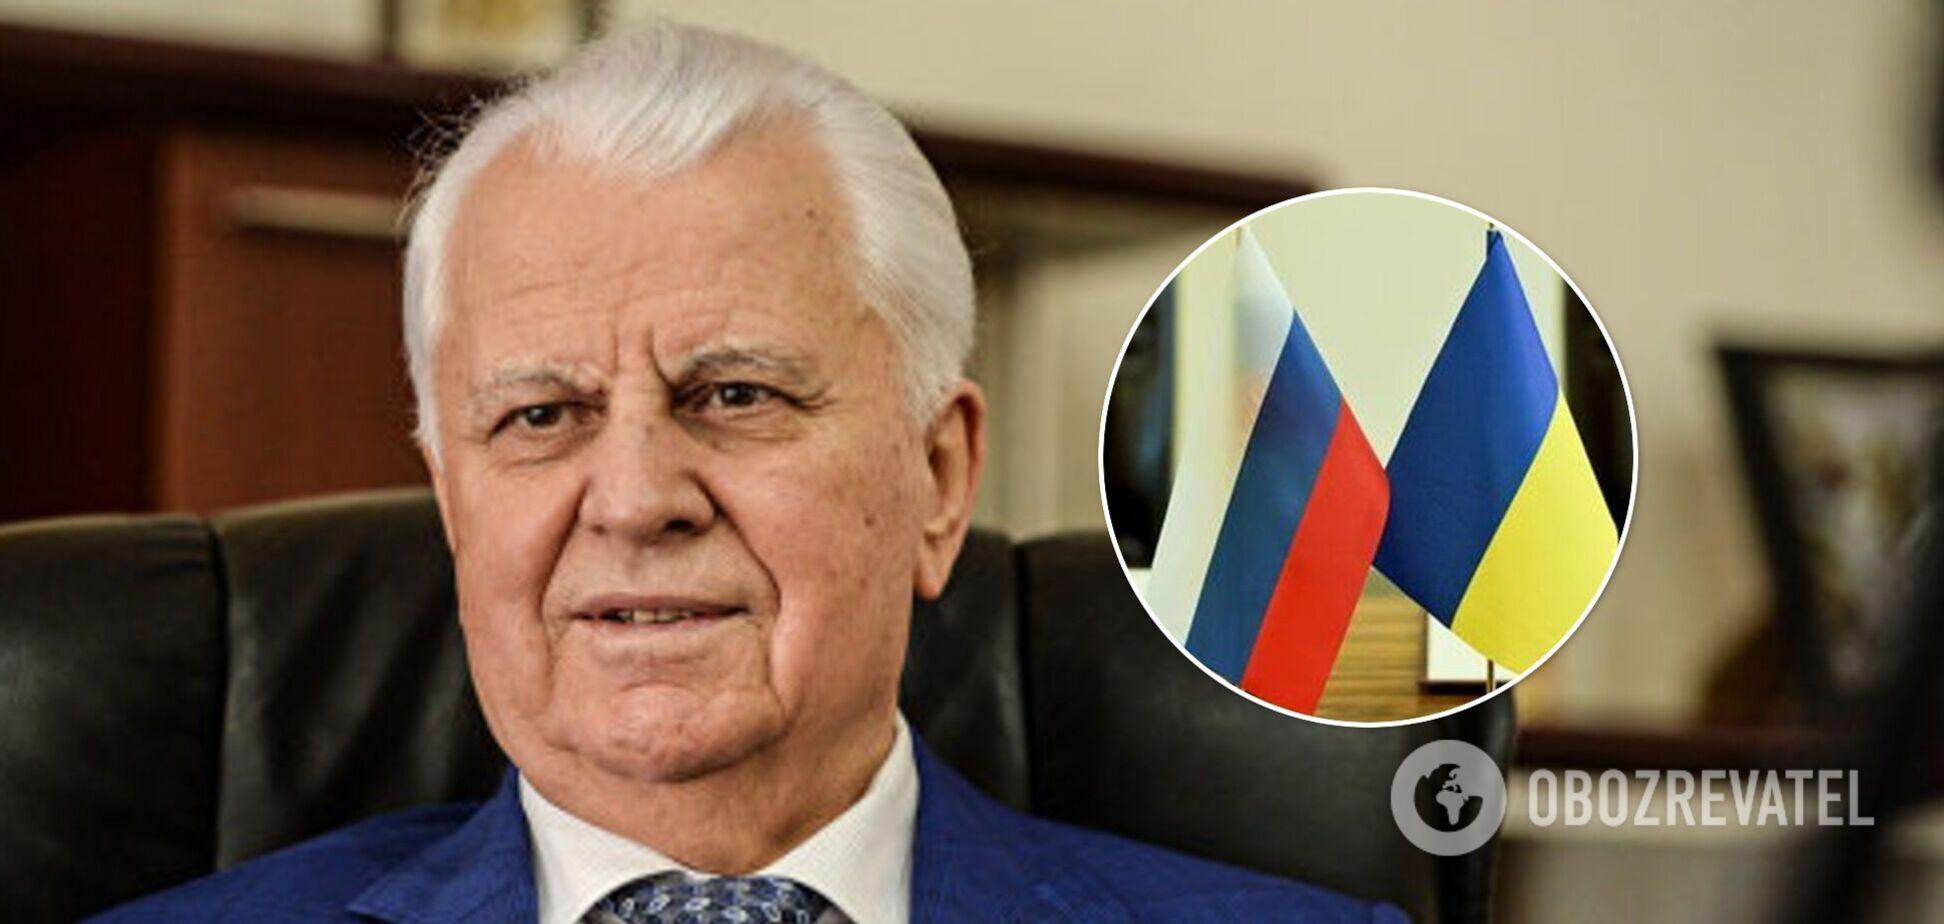 Кравчук заговорил о восстановлении отношений Москвы и Киева и назвал условия